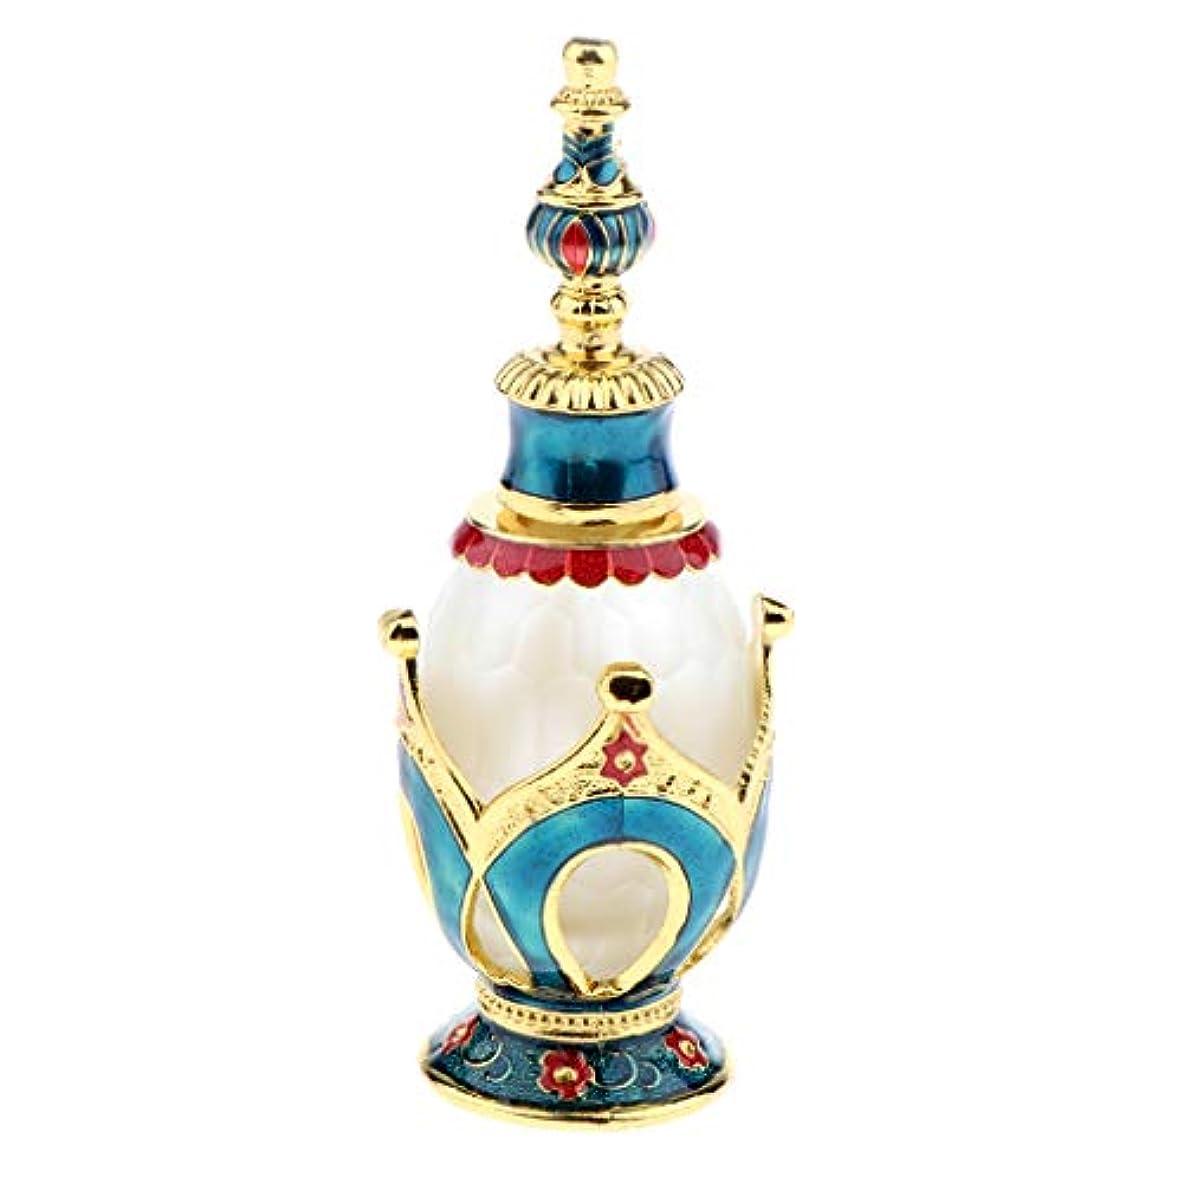 マオリ彼ら虎香水ボトル 香水瓶 ガラスボトル 華やか レトロ 旅行 小分け容器 3色選べ - ブルーゴールド